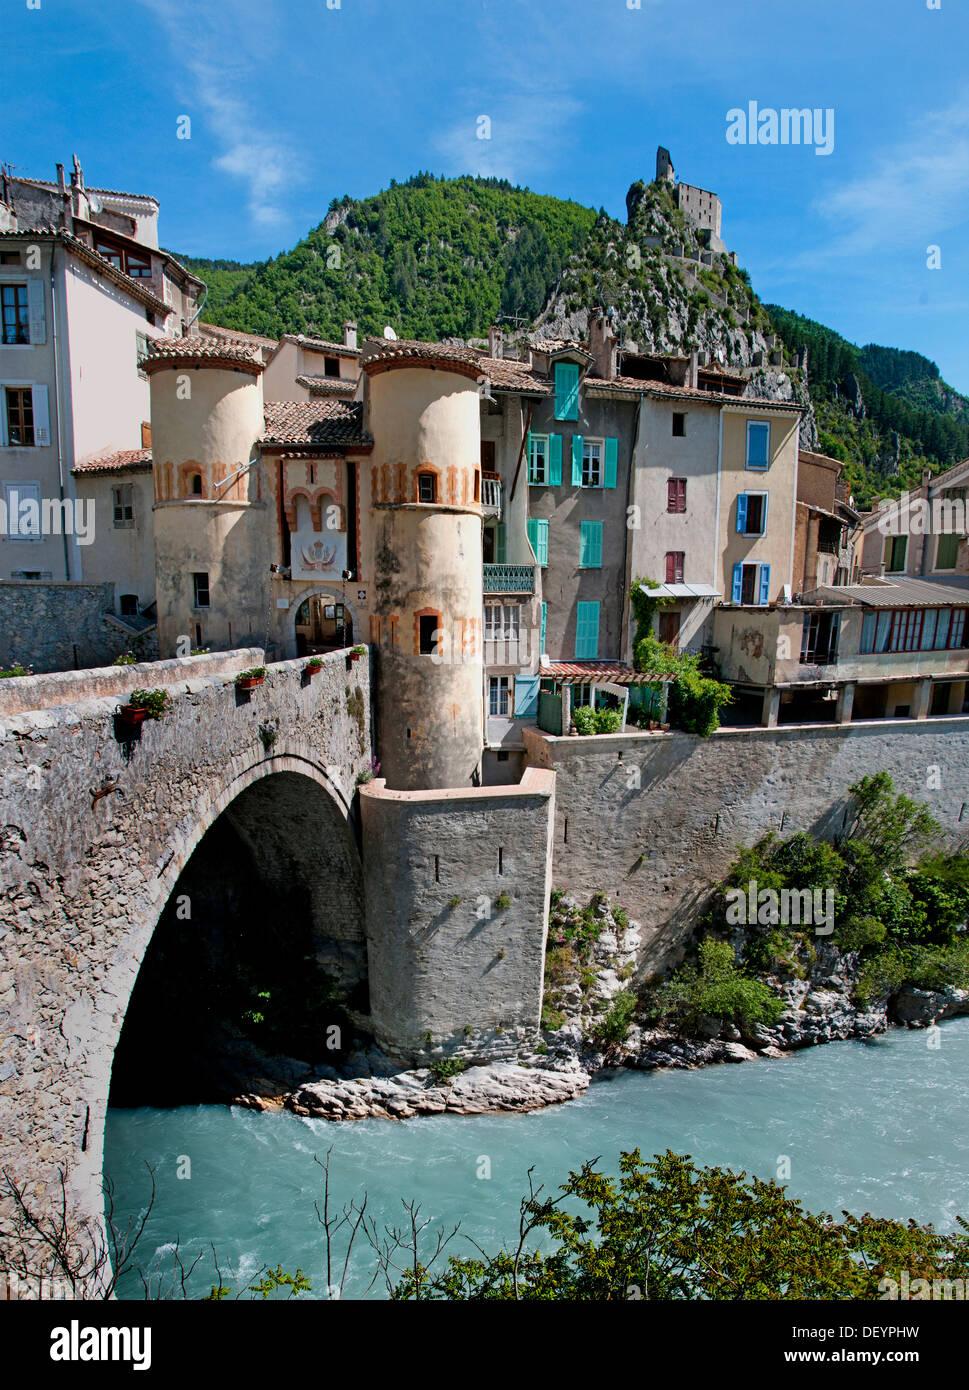 Entrevaux, cité médiévale fortifiée par Vauban France Alpes de Haute Provence Citadel Photo Stock